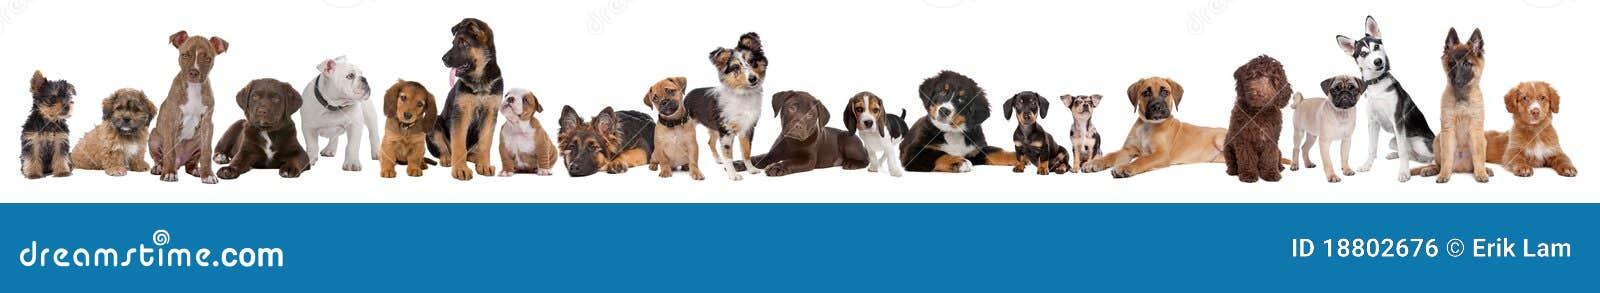 22 perros de perrito en una fila